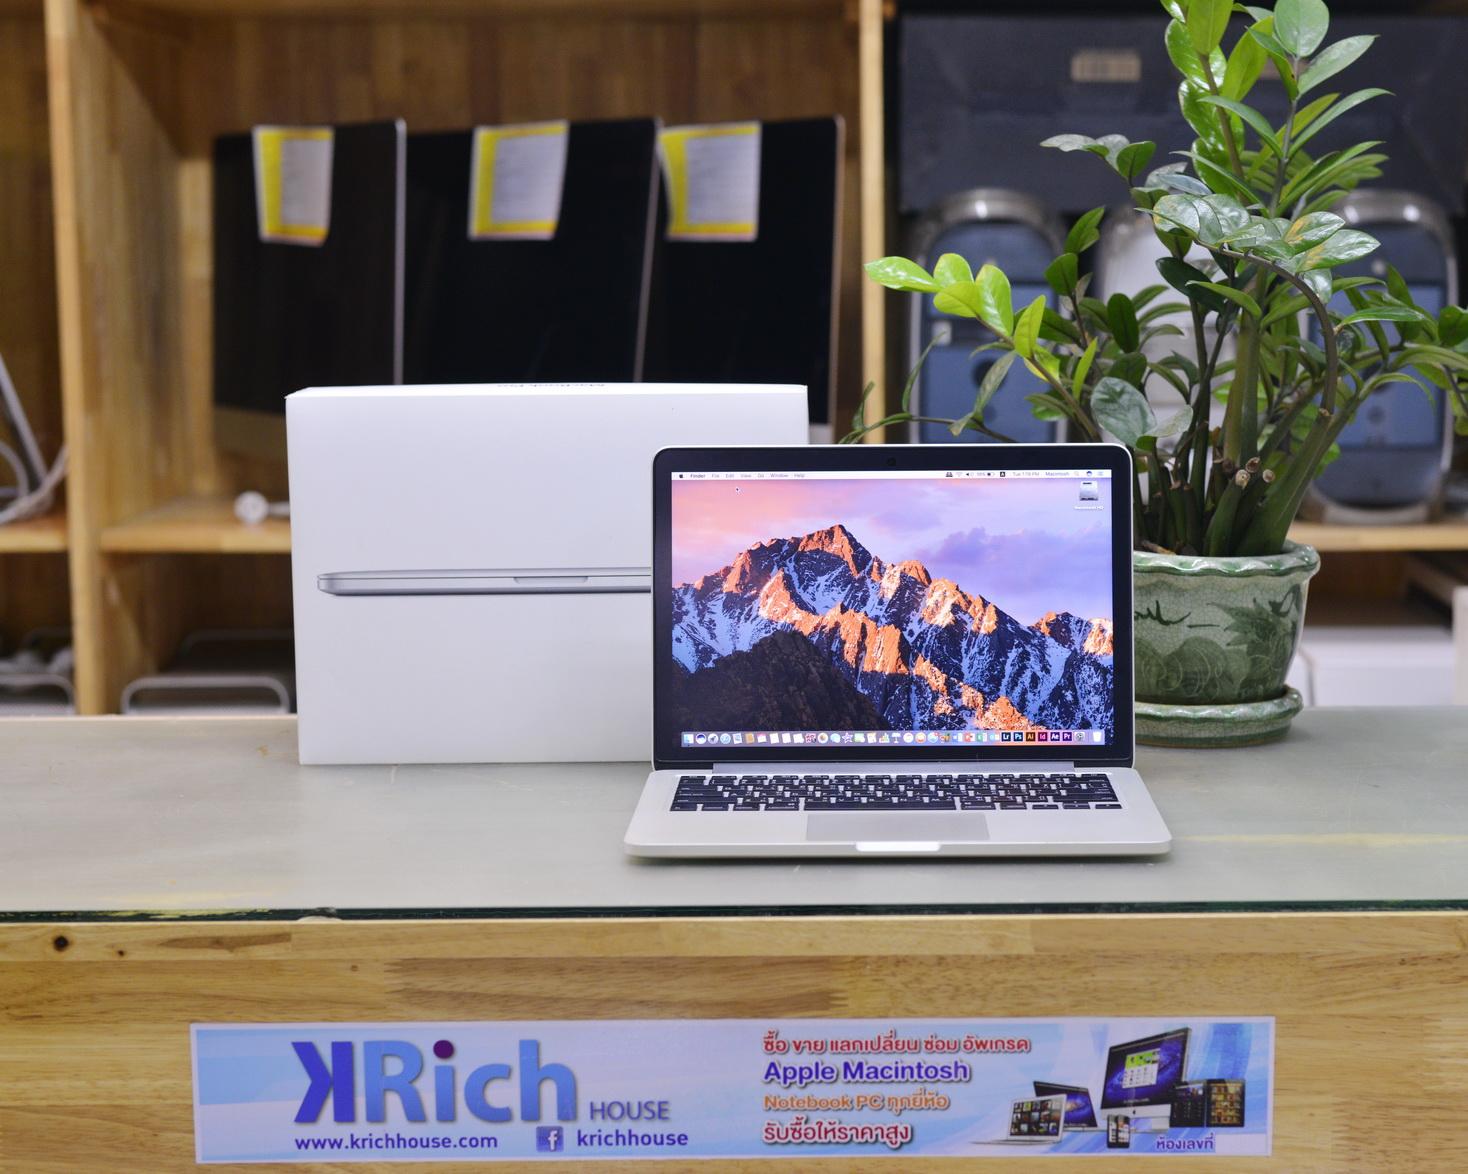 CTO - MacBook Pro (Retina, 13-inch, Mid 2014) Core i5 2.8GHz RAM 16GB SSD 256GB - Fullbox